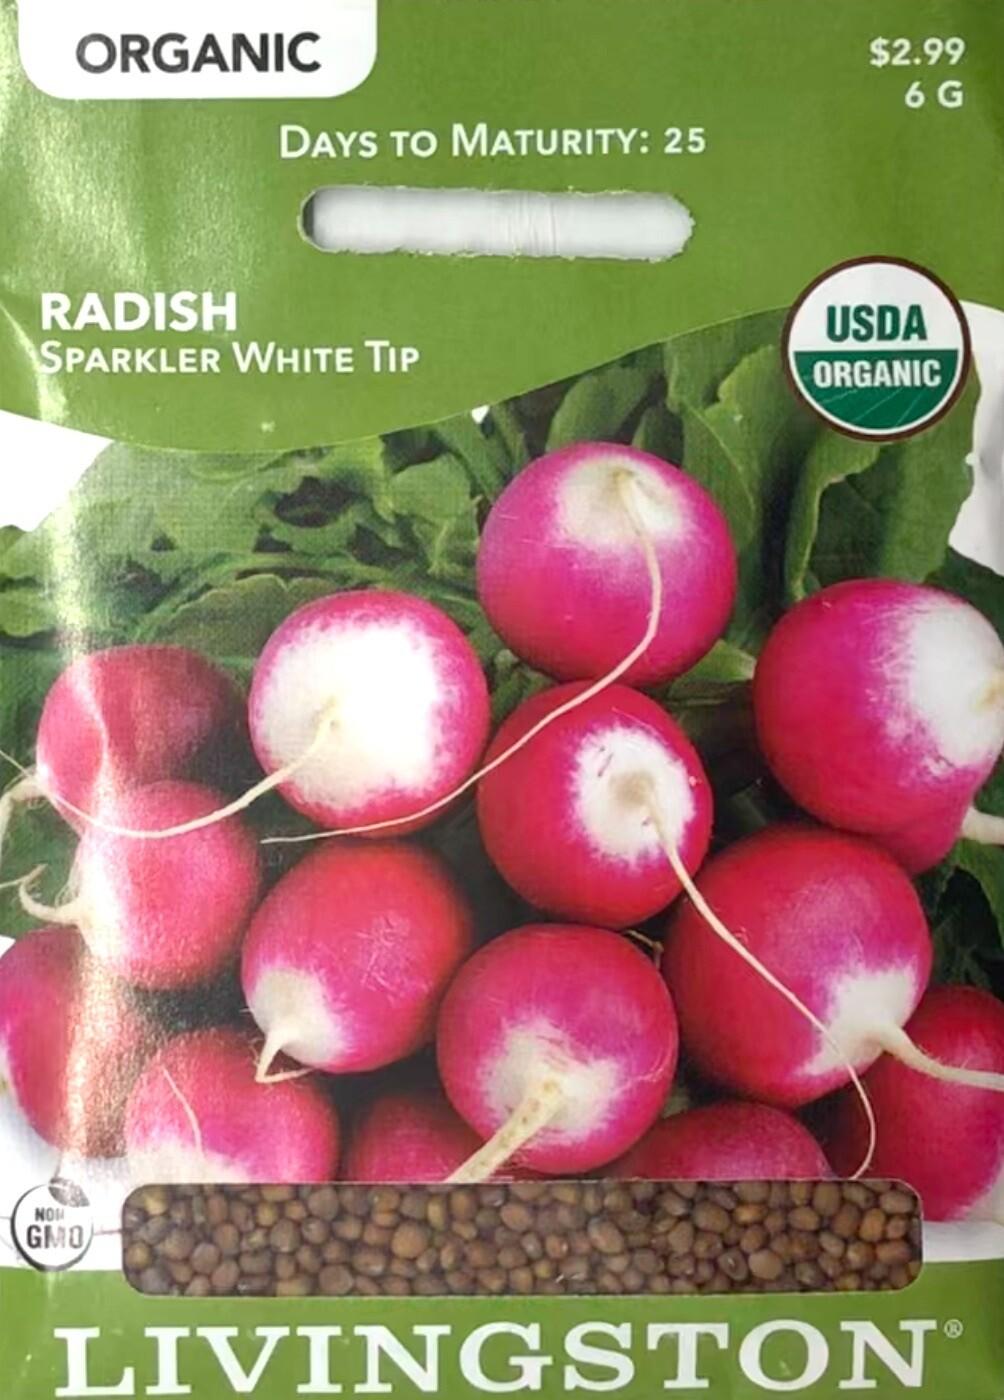 RADISH - ORGANIC - SPARKLER WHITE TIP